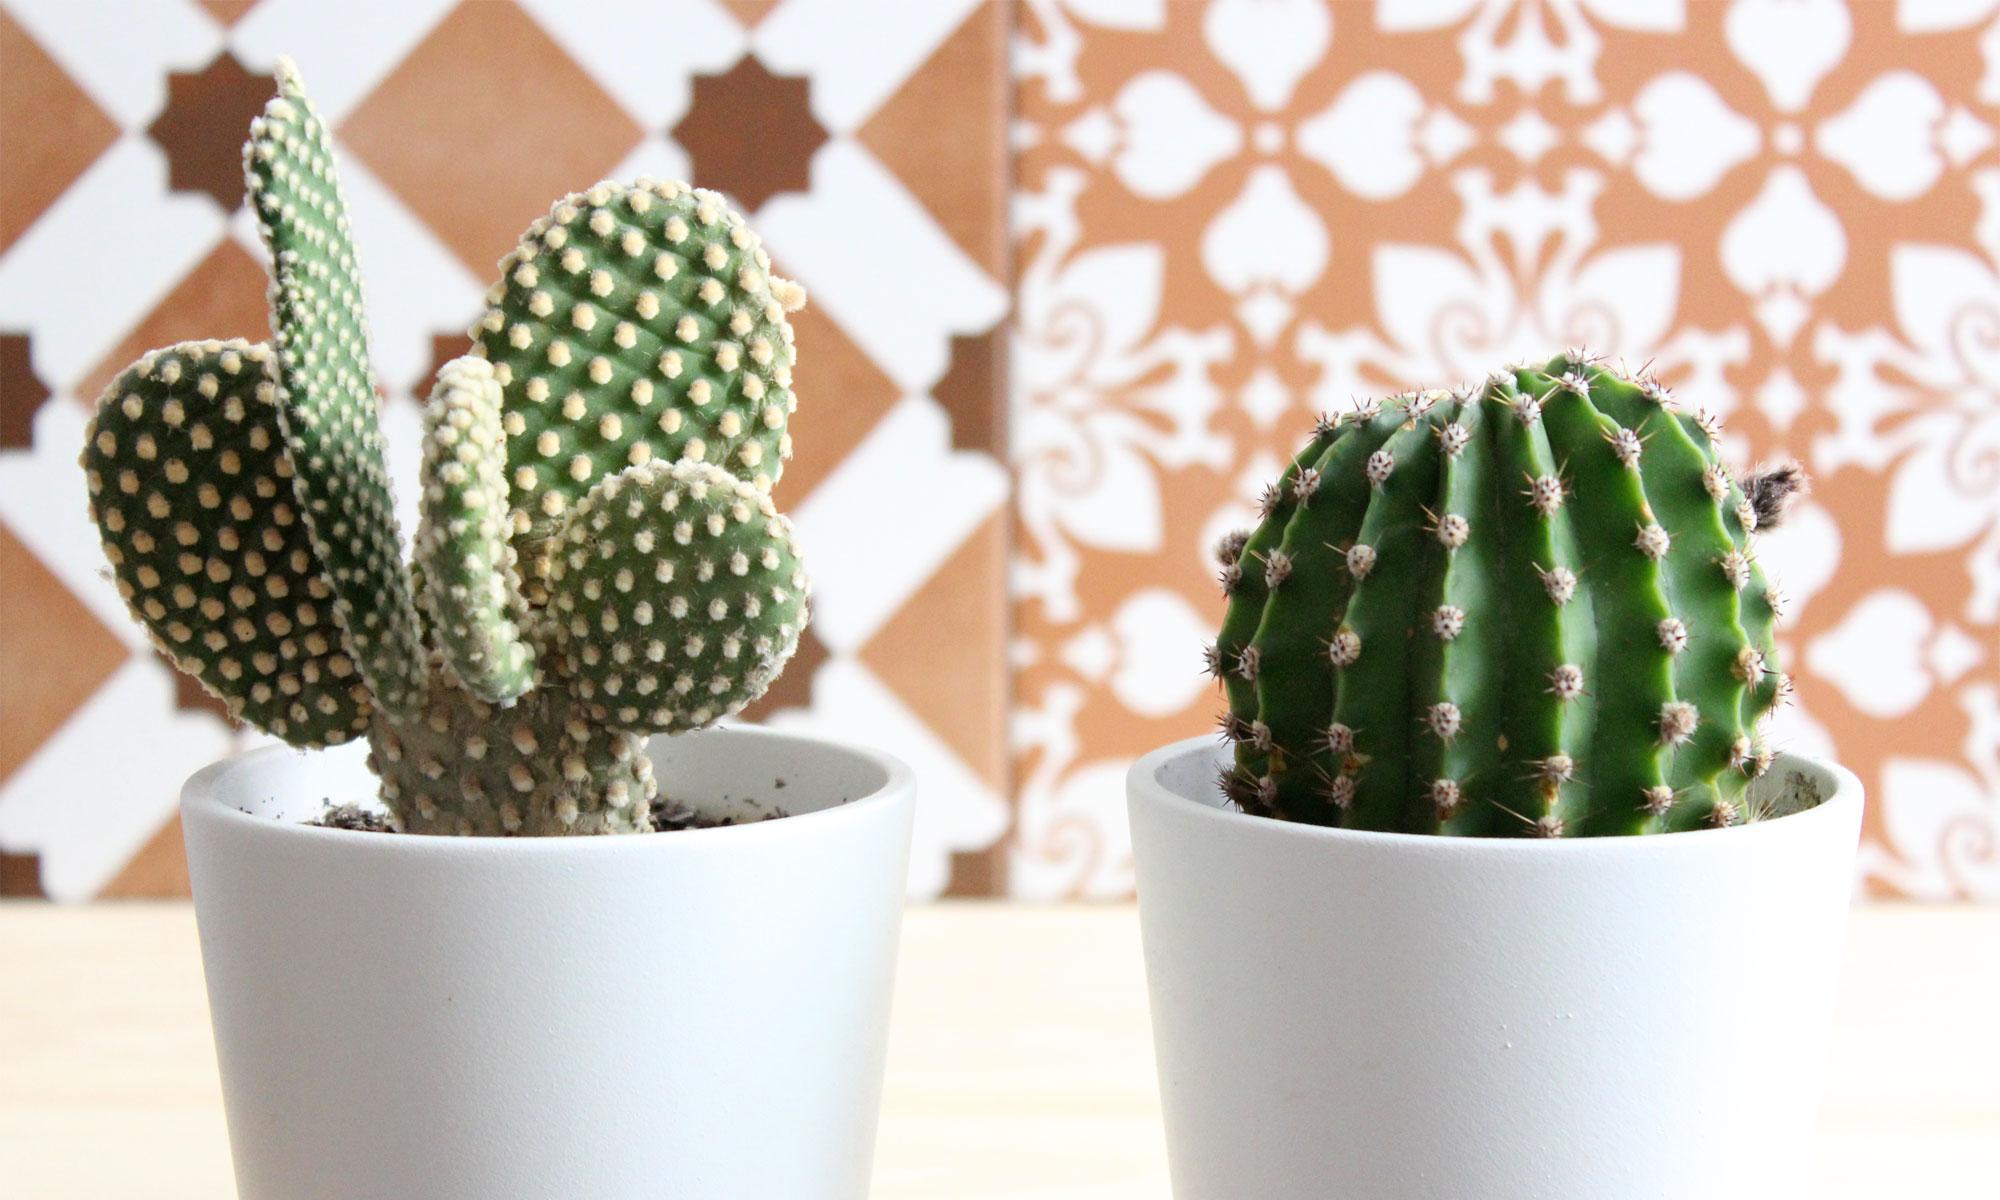 cactus_vegarquitectura